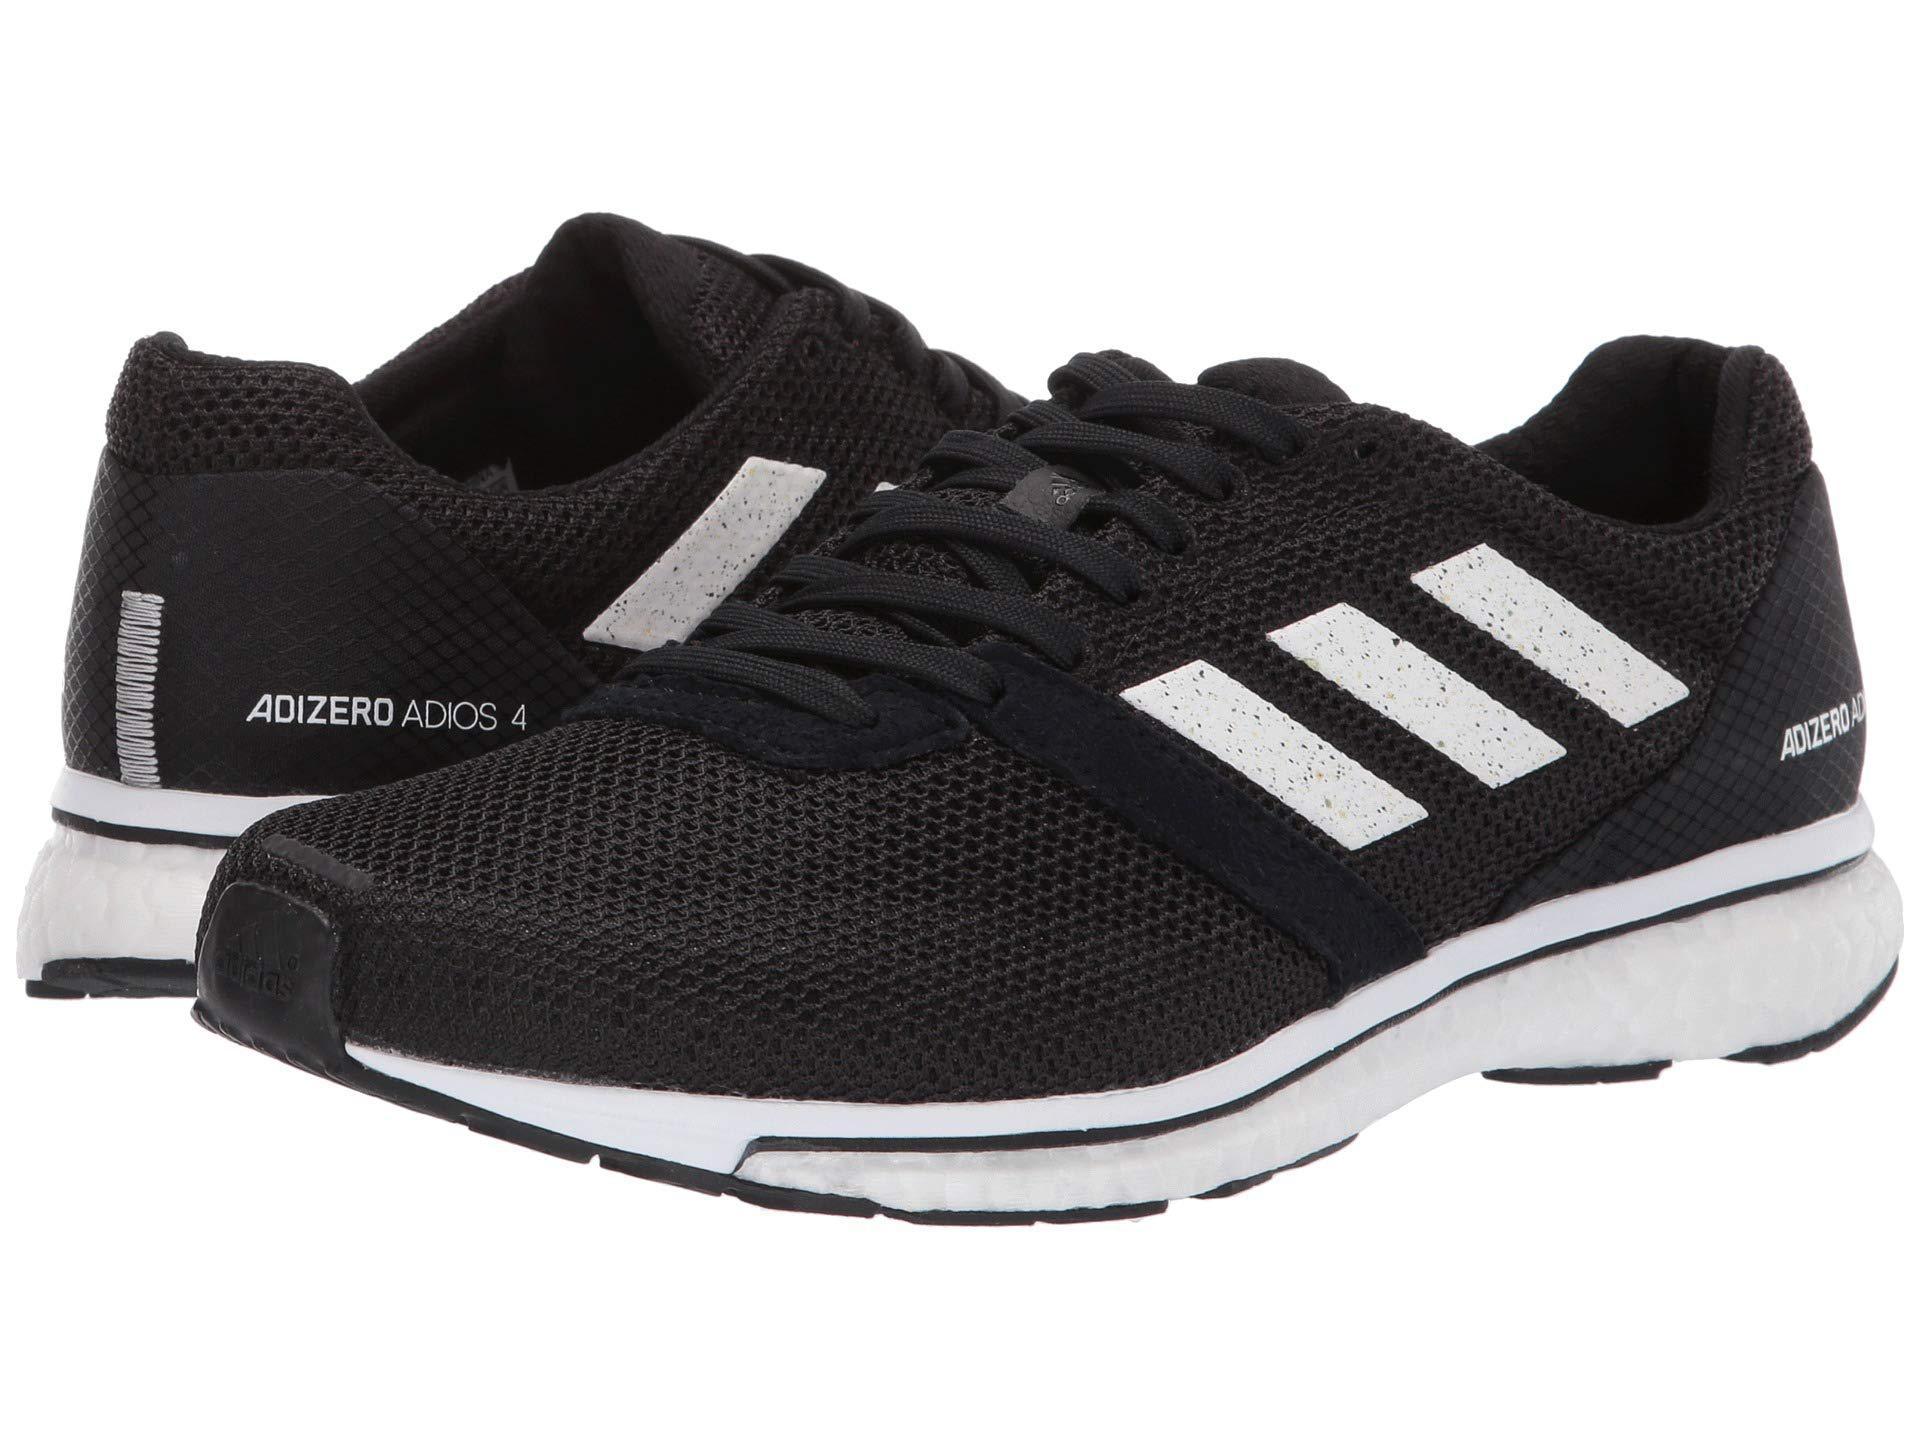 26eebca29 Lyst - Adidas Originals Adizero Adios 4 (black footwear White black ...